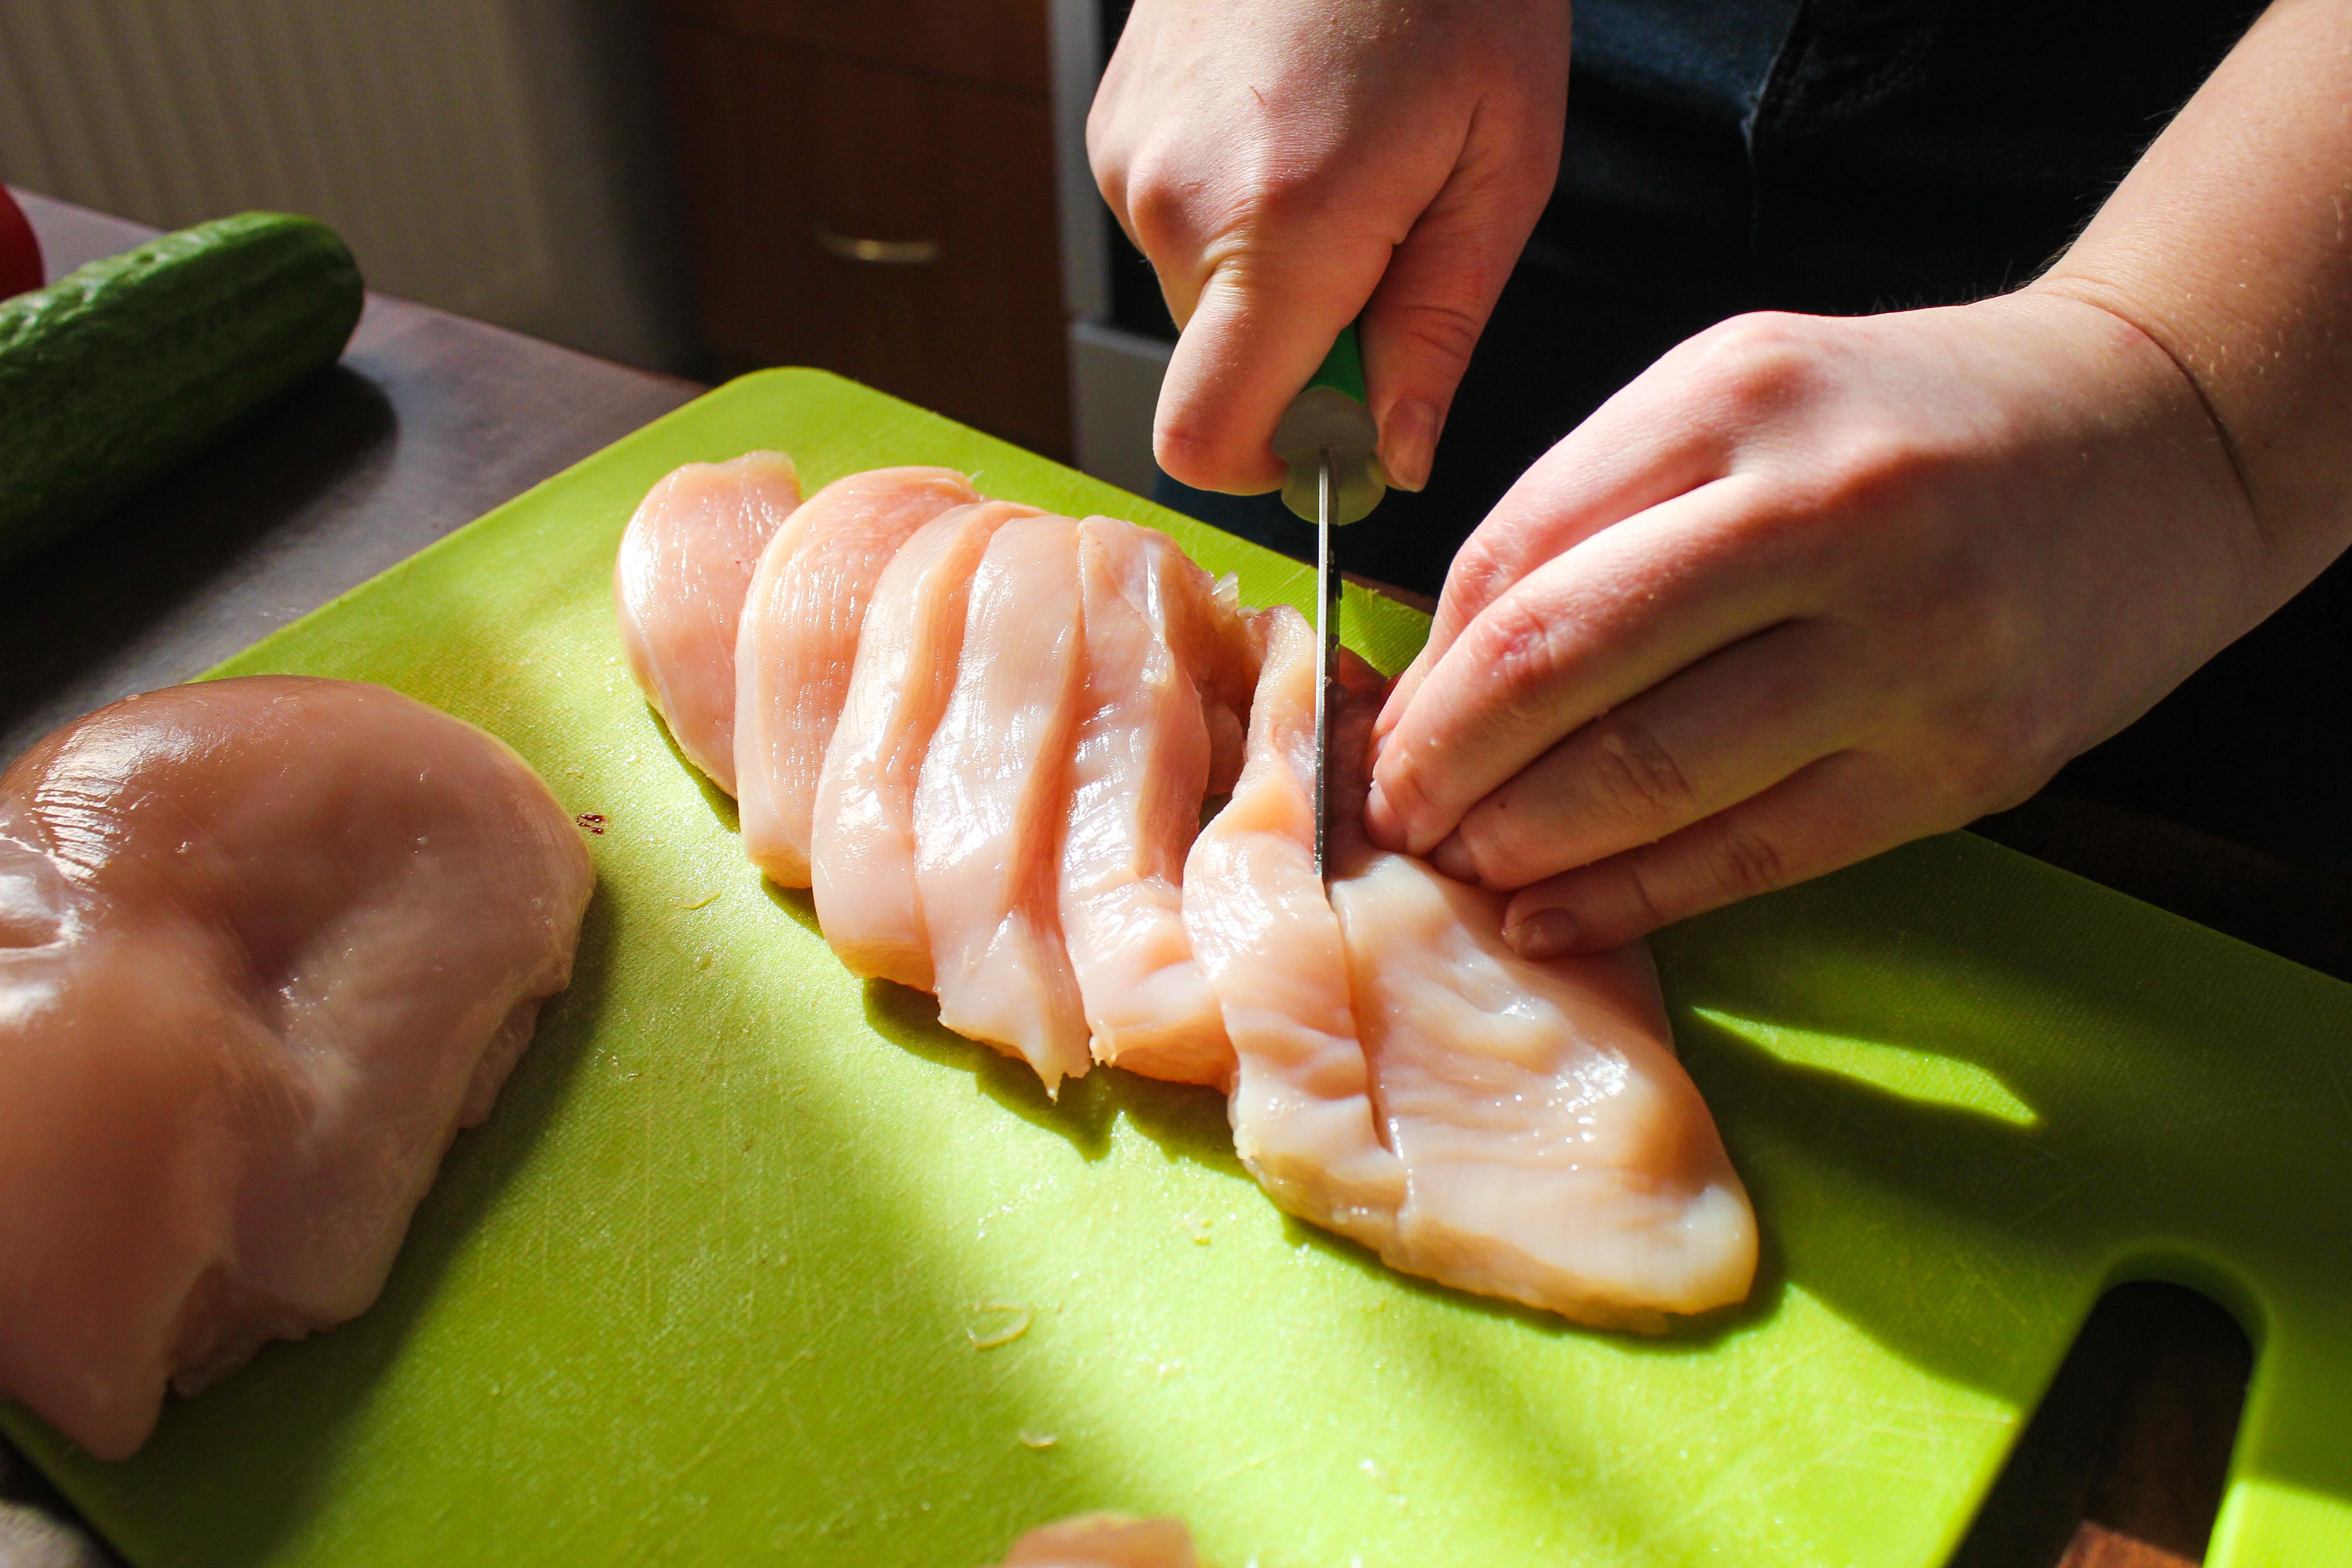 Den som följer Livsmedelsverket råd för hantering av rå kyckling kan minska sin risk att bli sjuk.